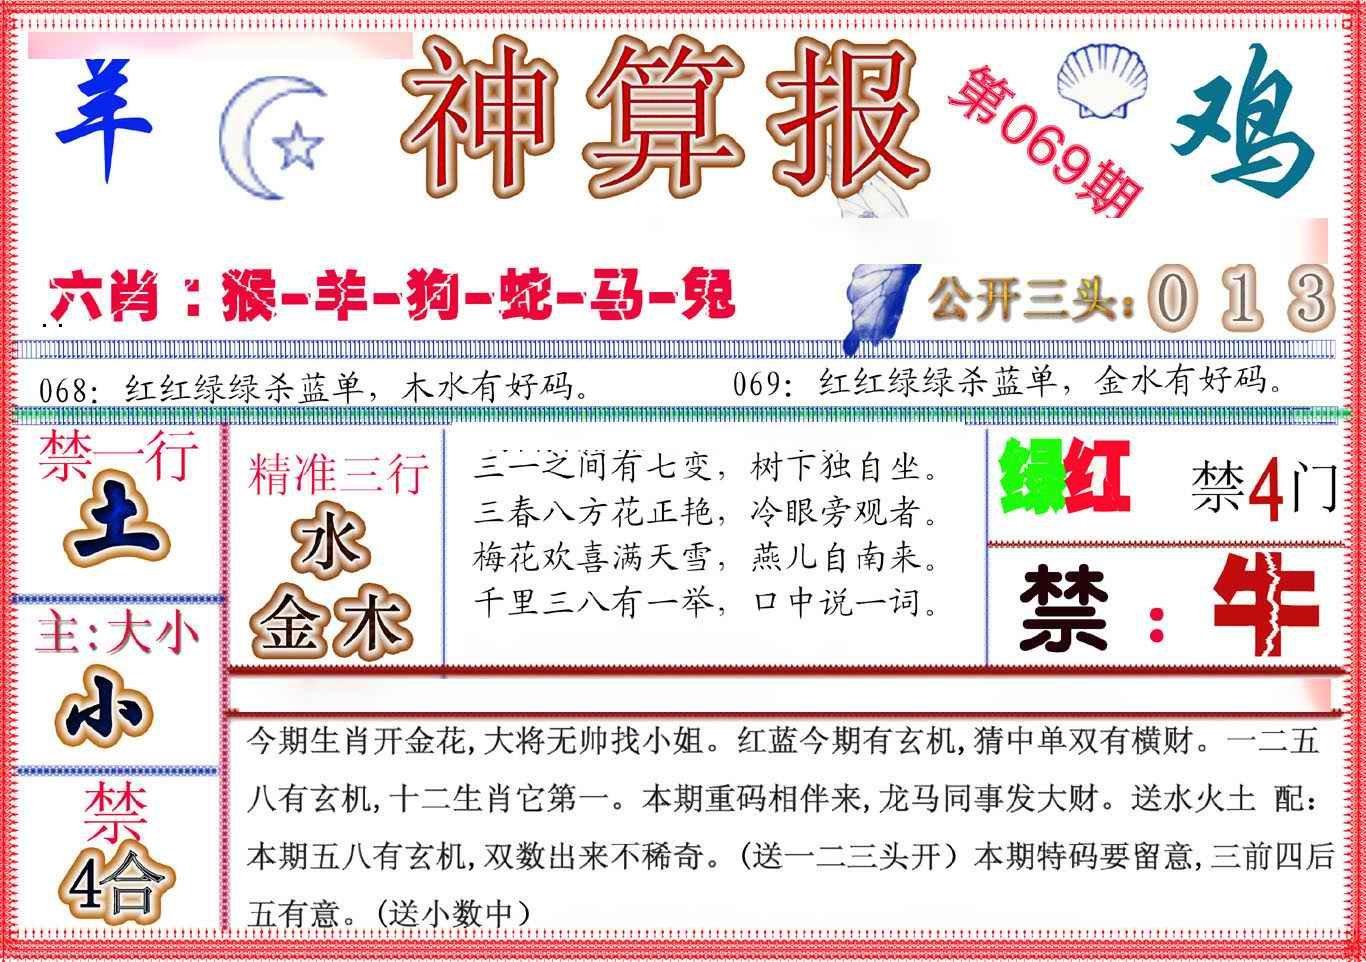 069期神算报(新版)